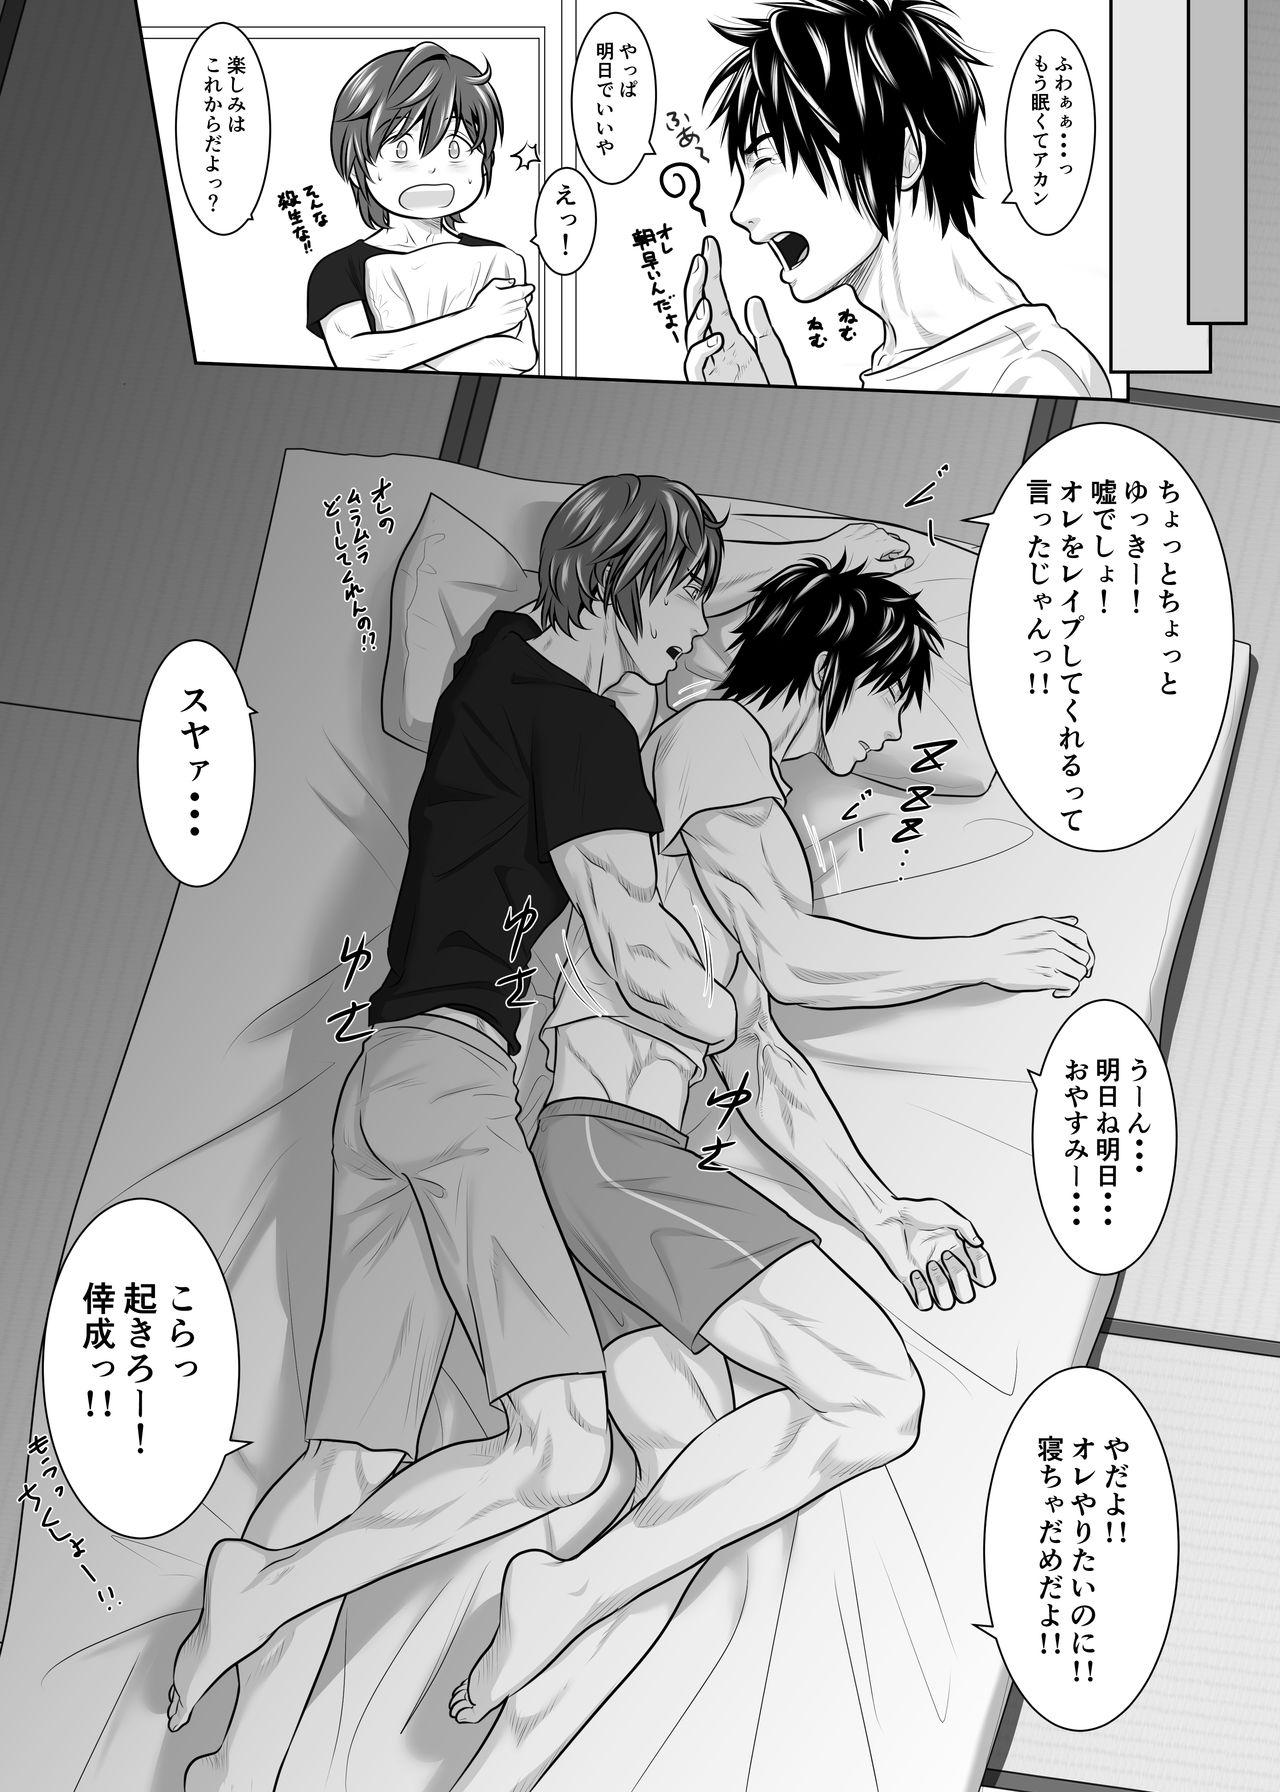 Y + Y = Fuel !! ~Makichichi Hen of summer~ 30